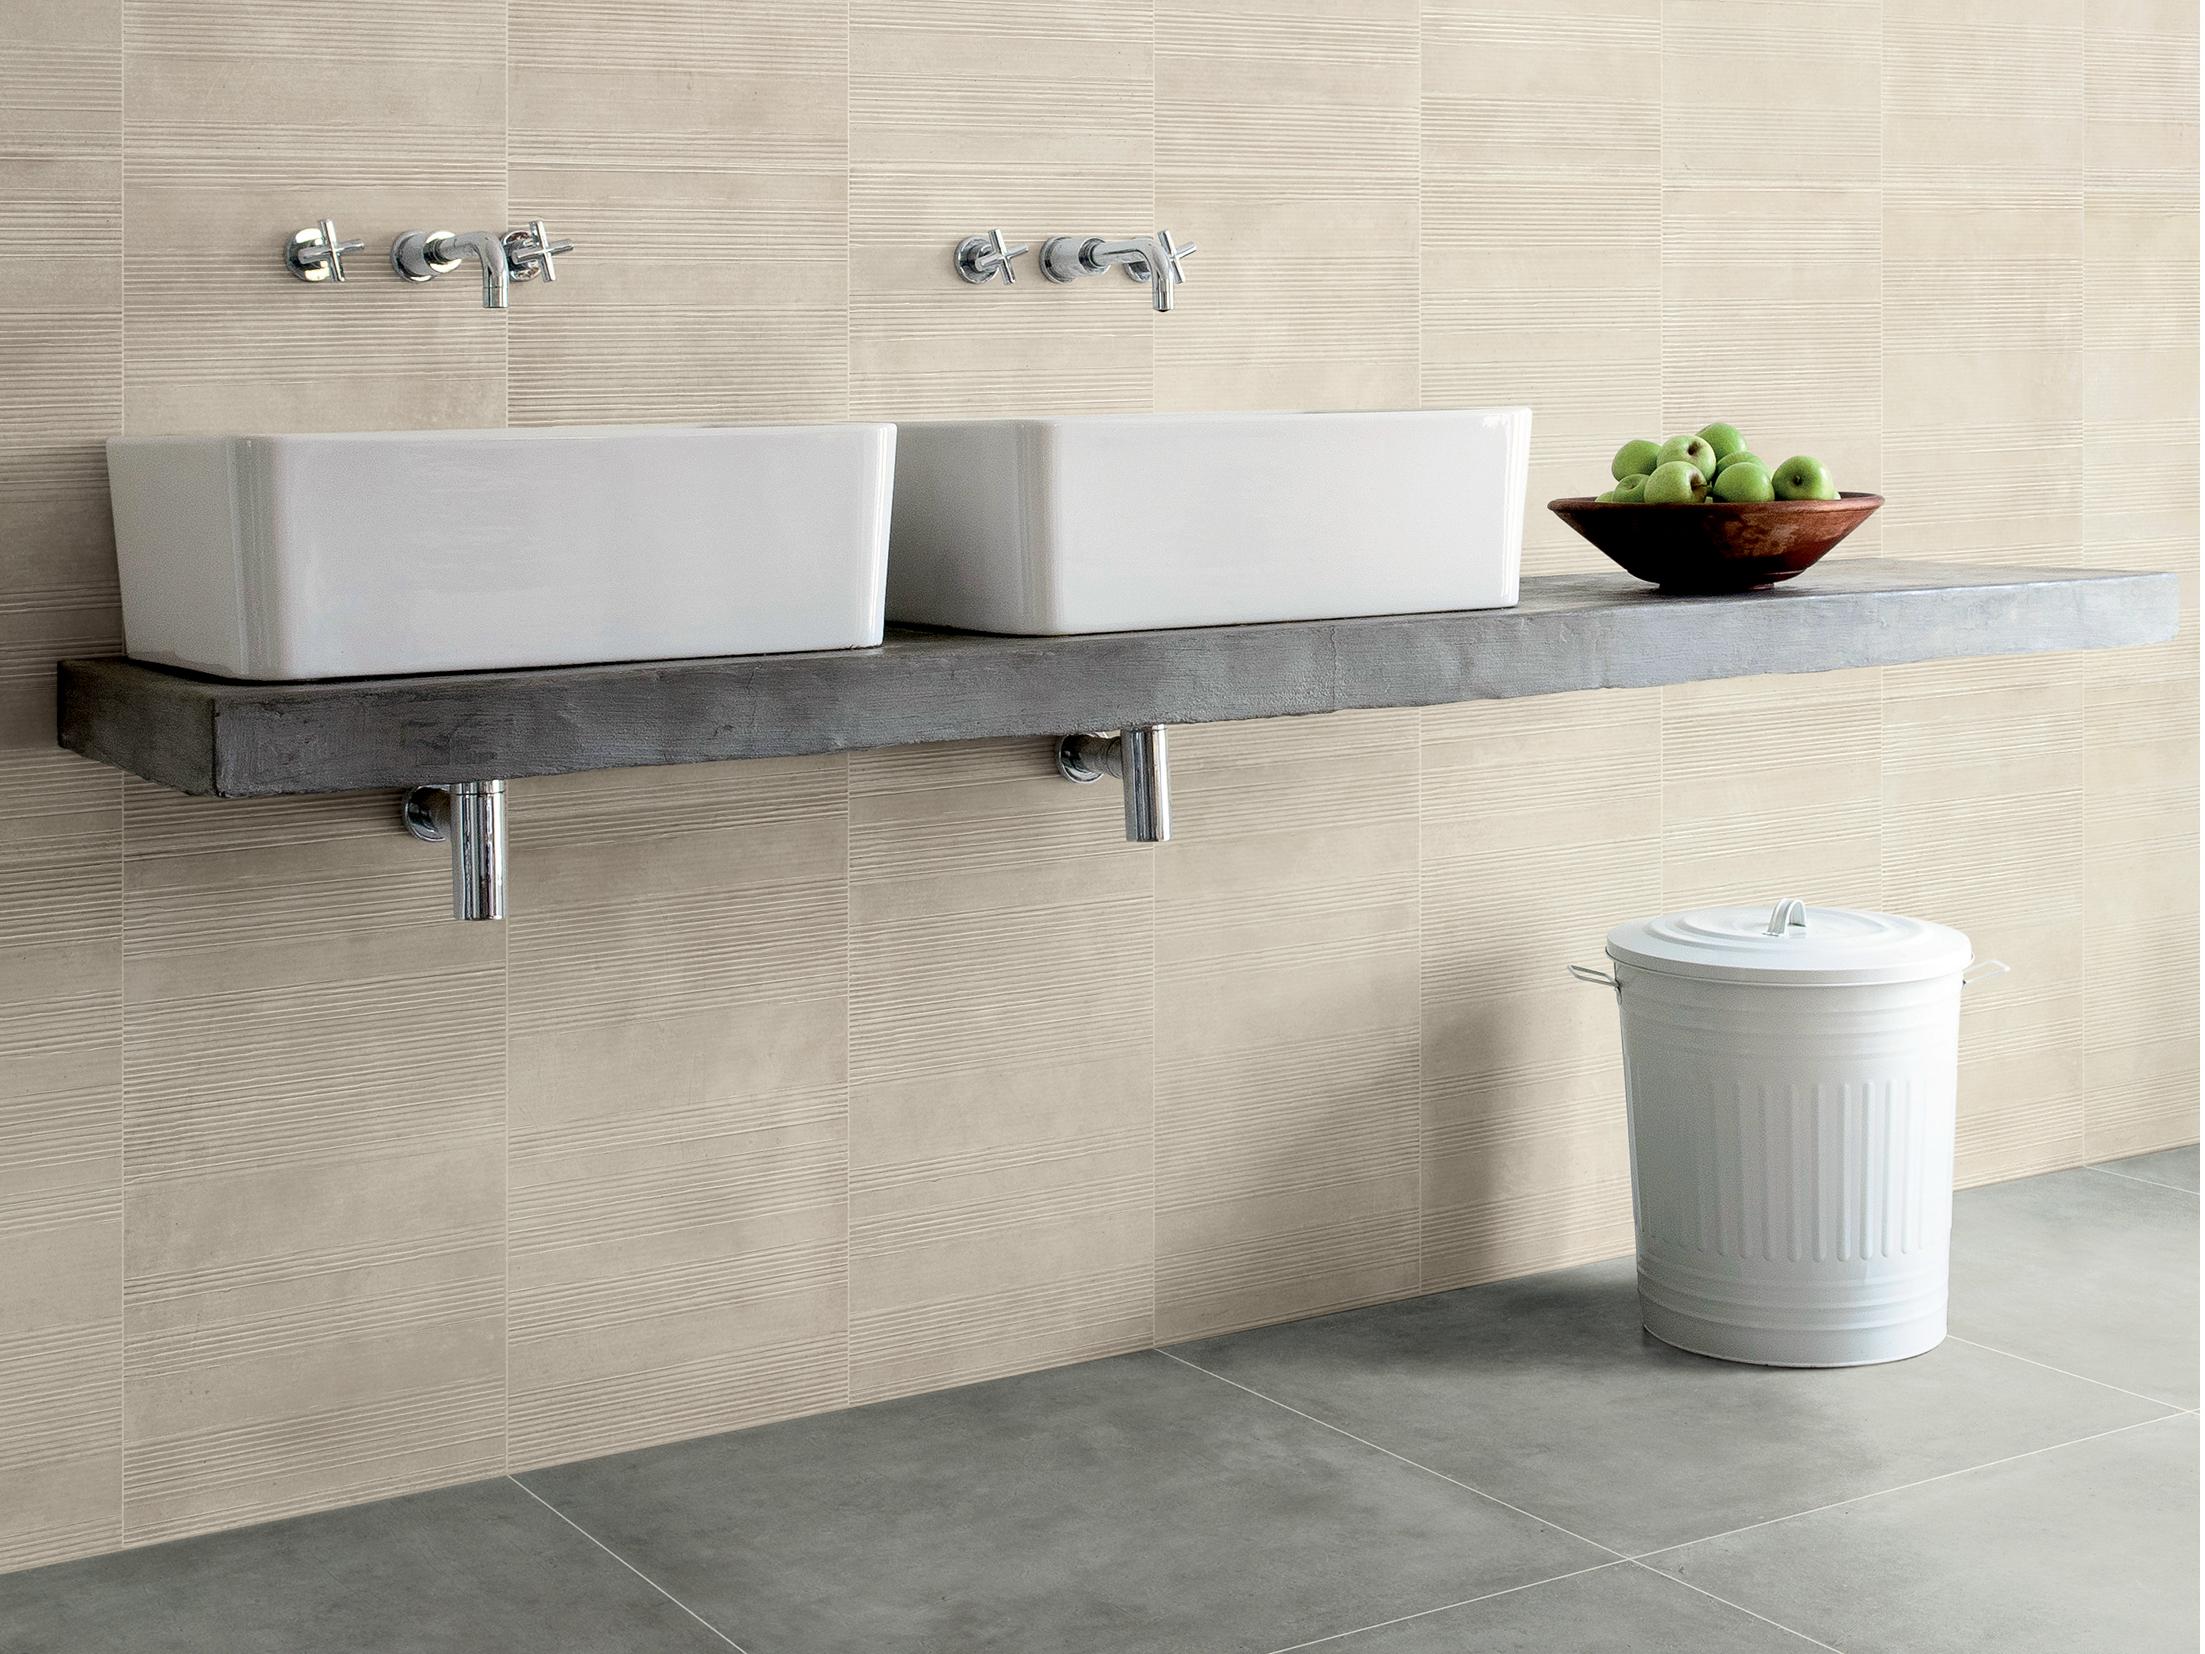 Pavimenti in ceramica: infinite possibilità per il bagno